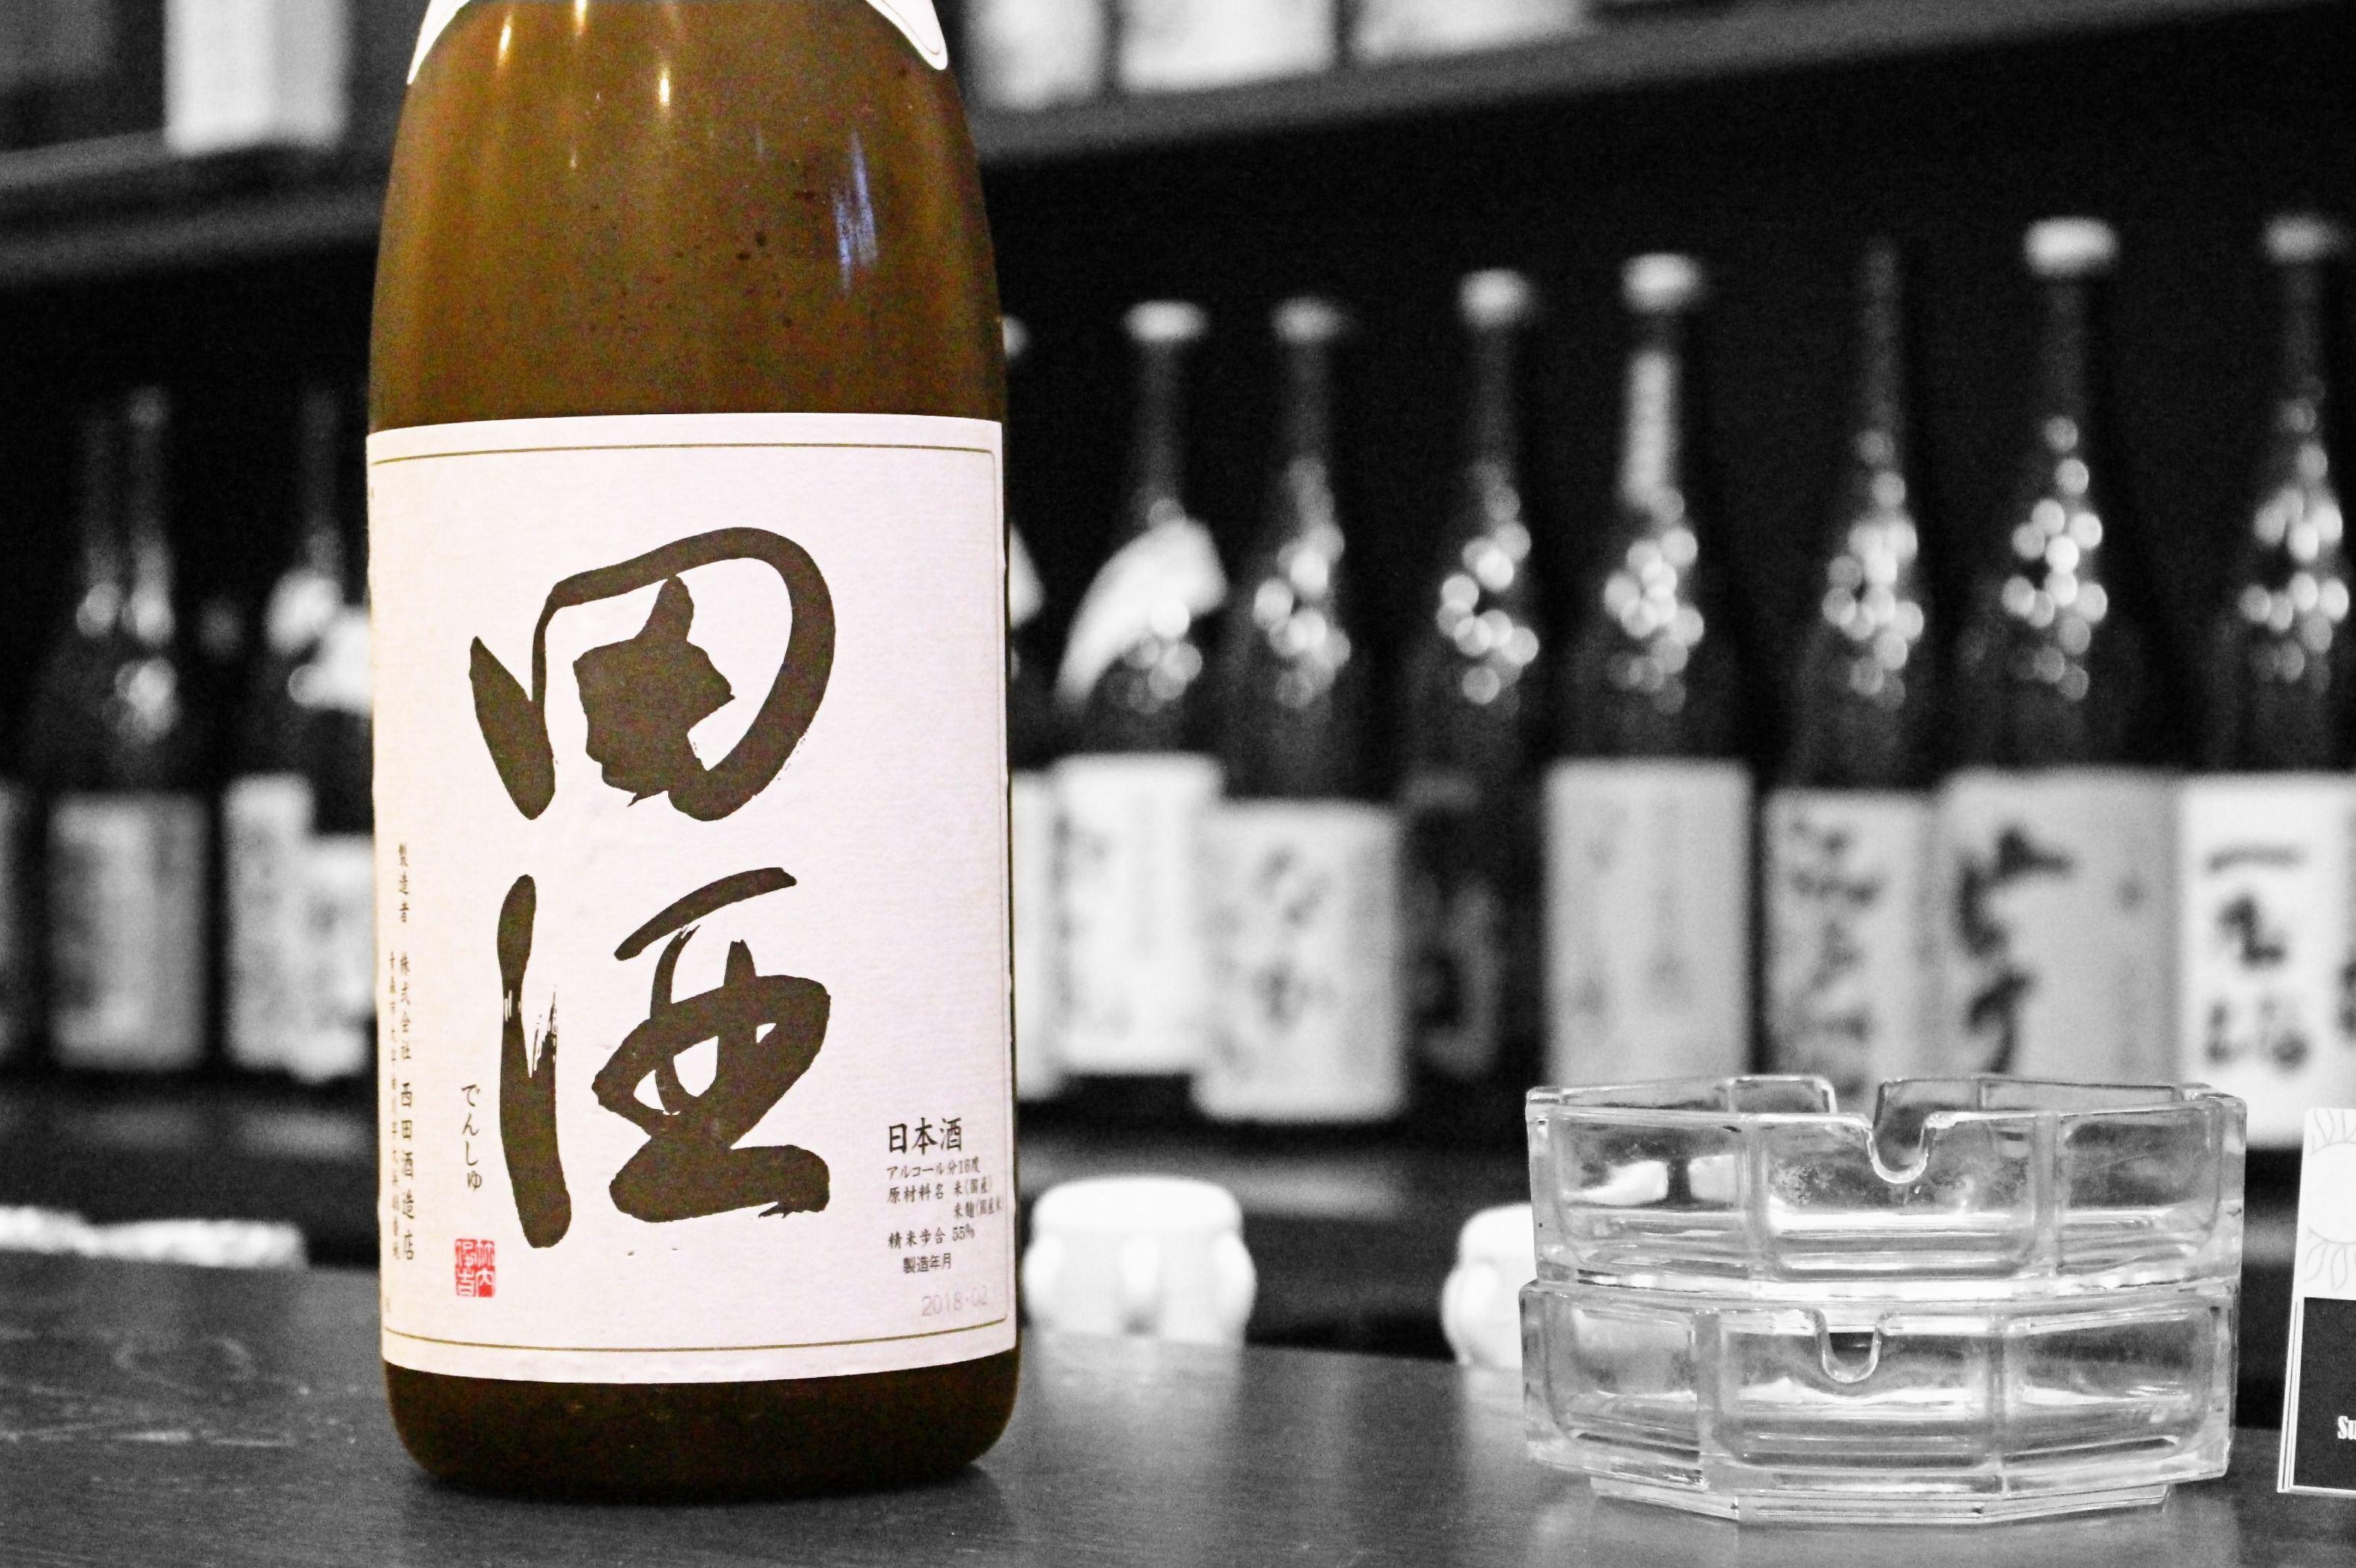 田酒201707